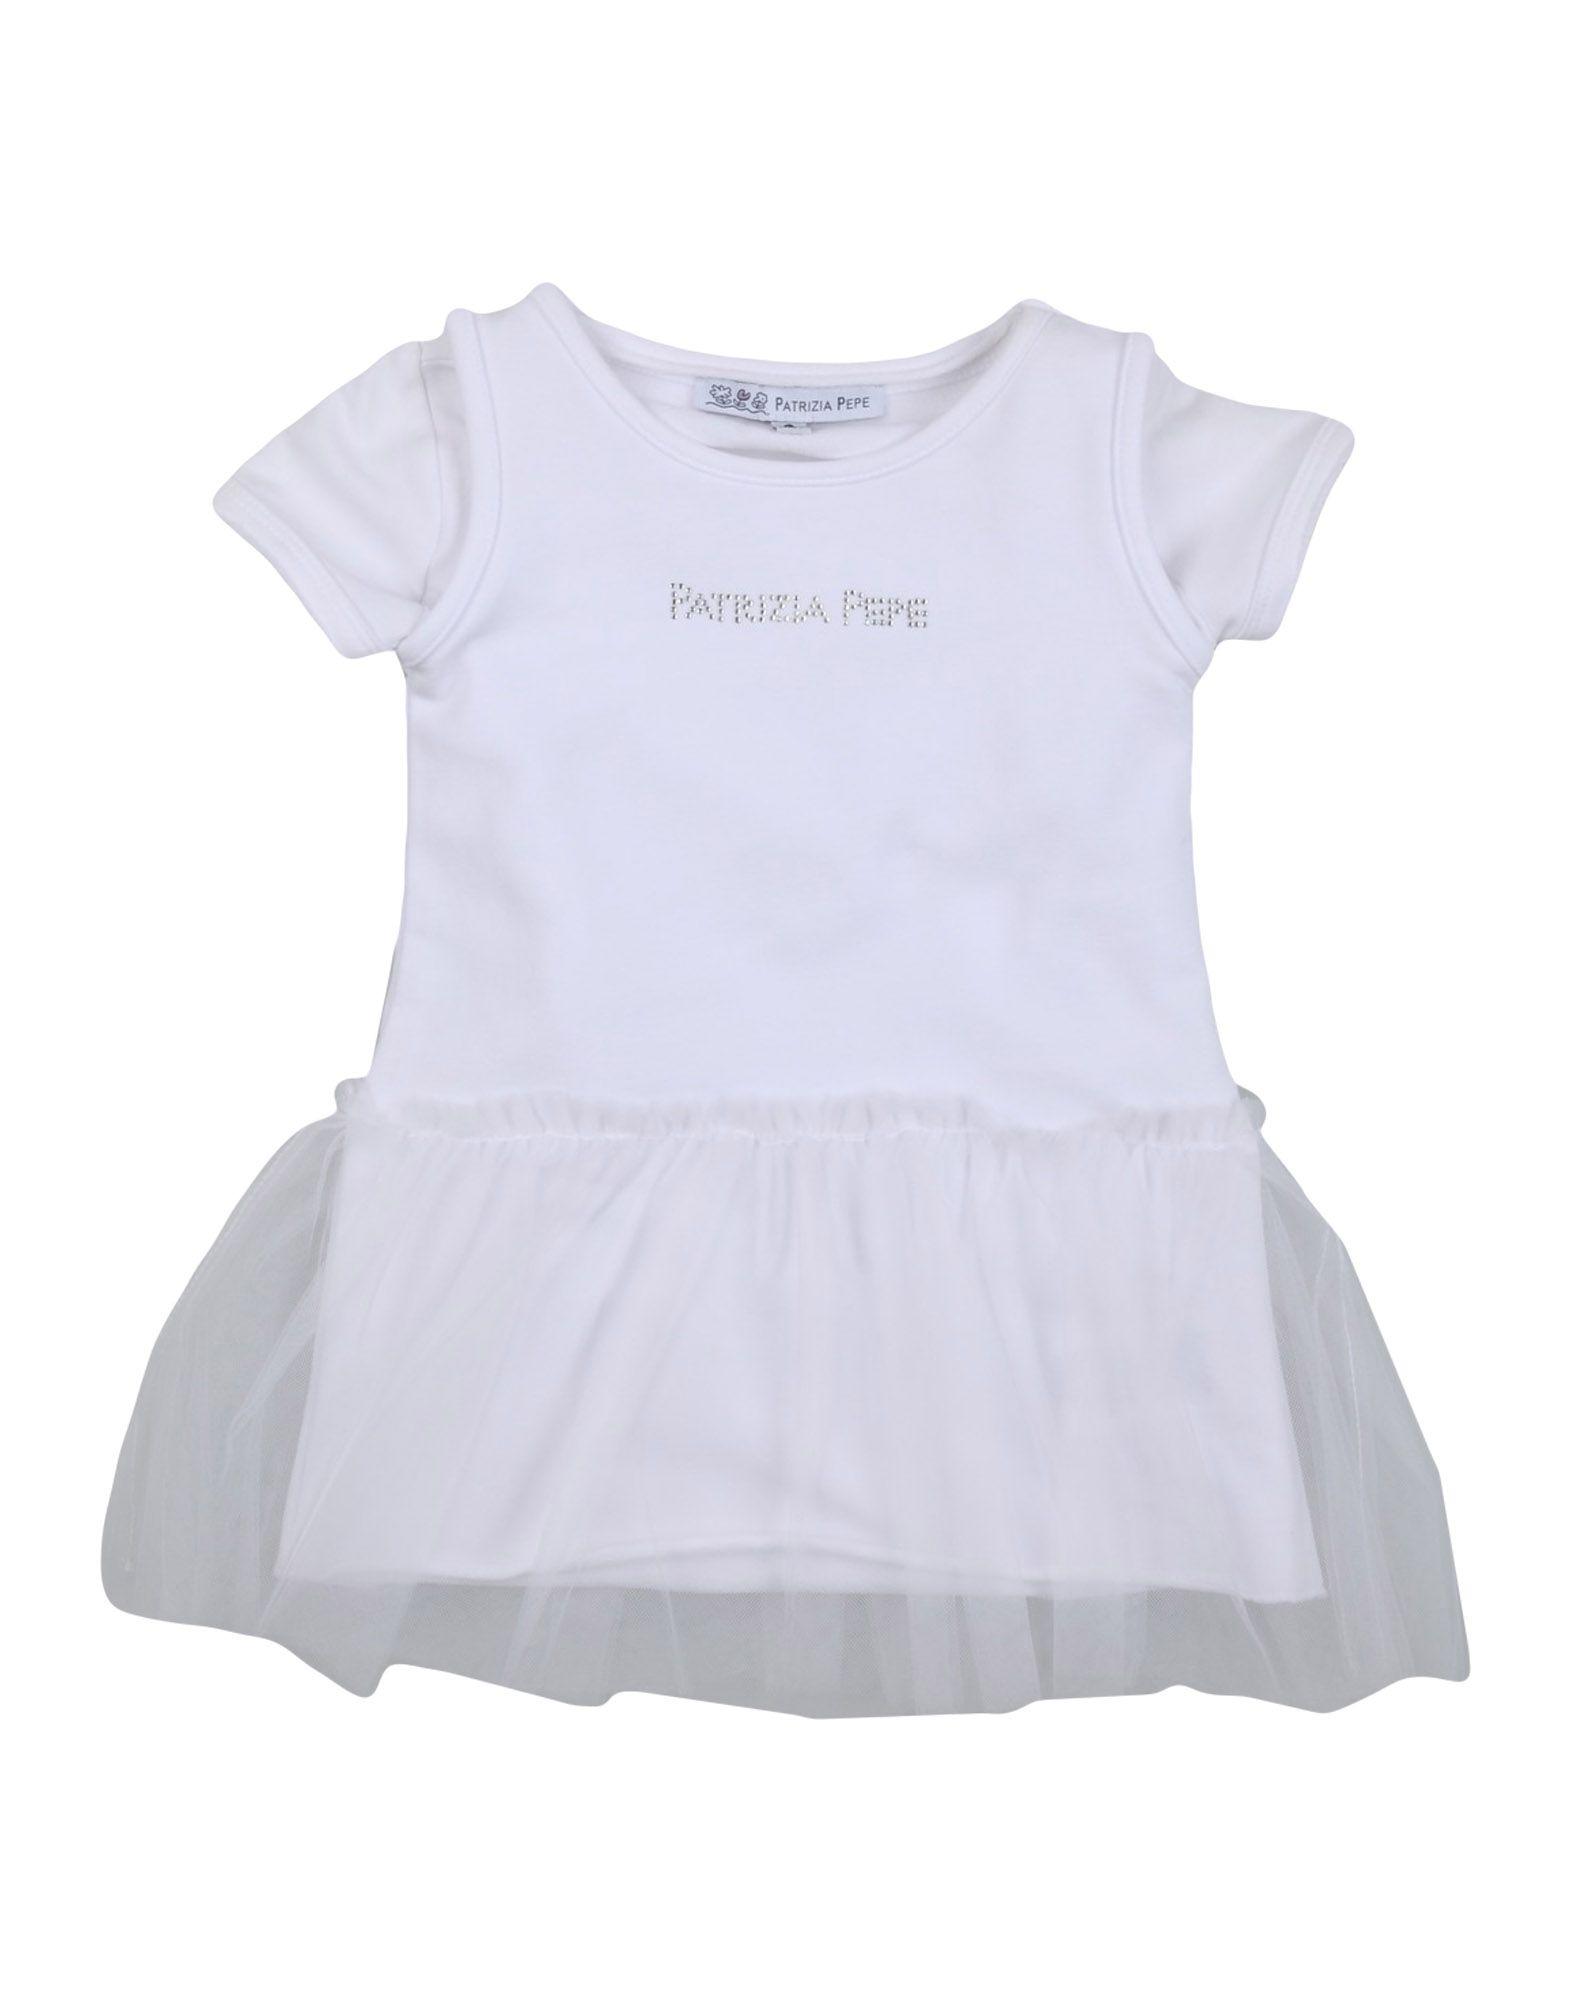 PATRIZIA PEPE Платье костюм блуза юбка lavela цвет белый розовый